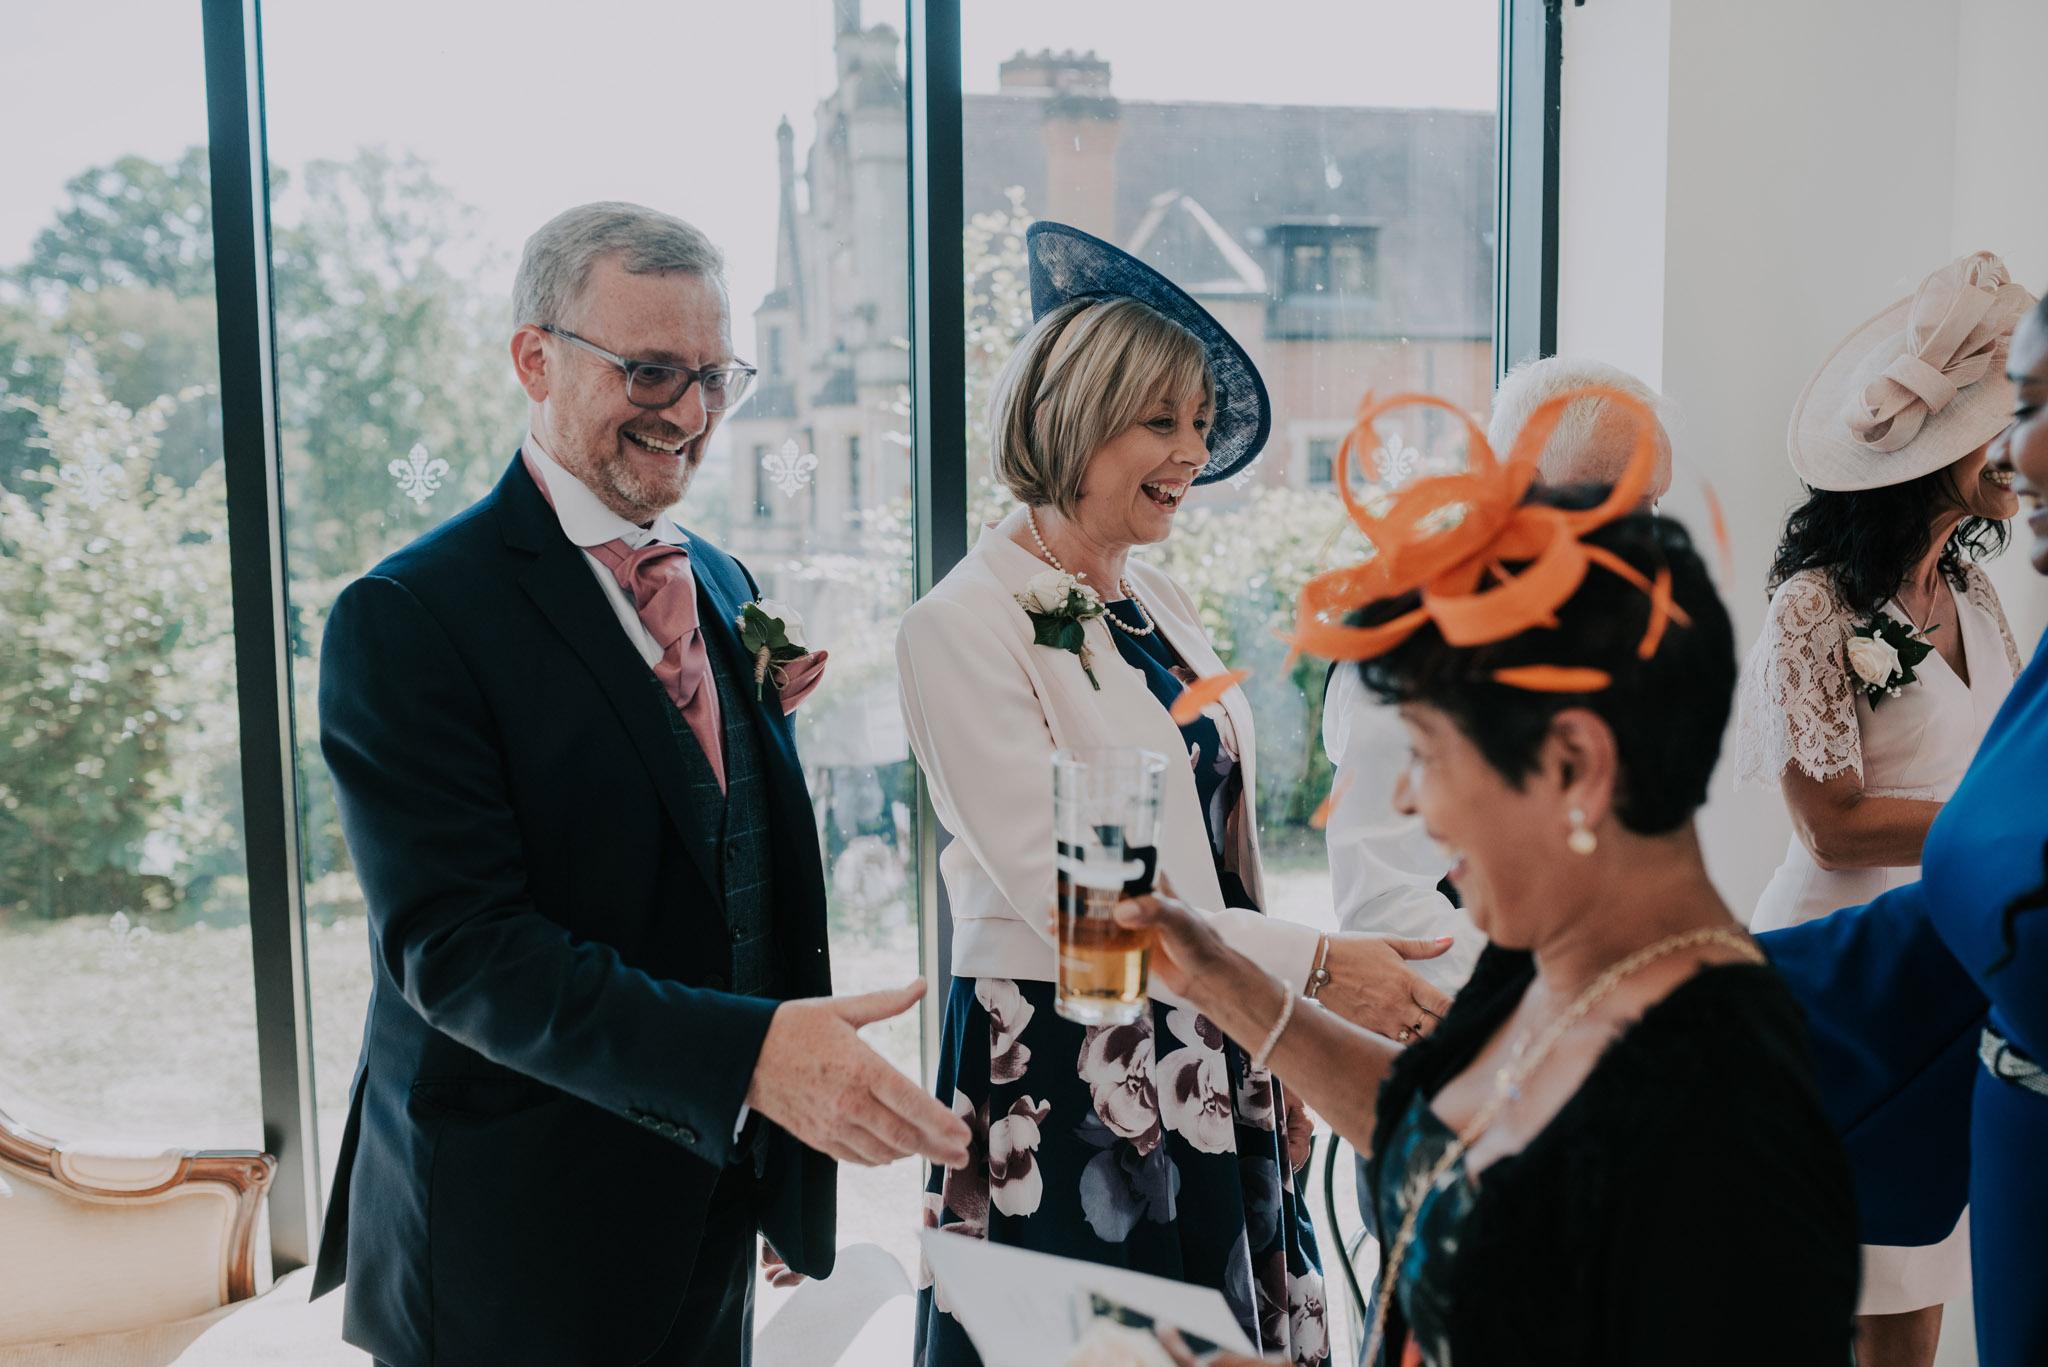 scott-stockwell-wedding-photographer-wood-norton-evesham261.jpg